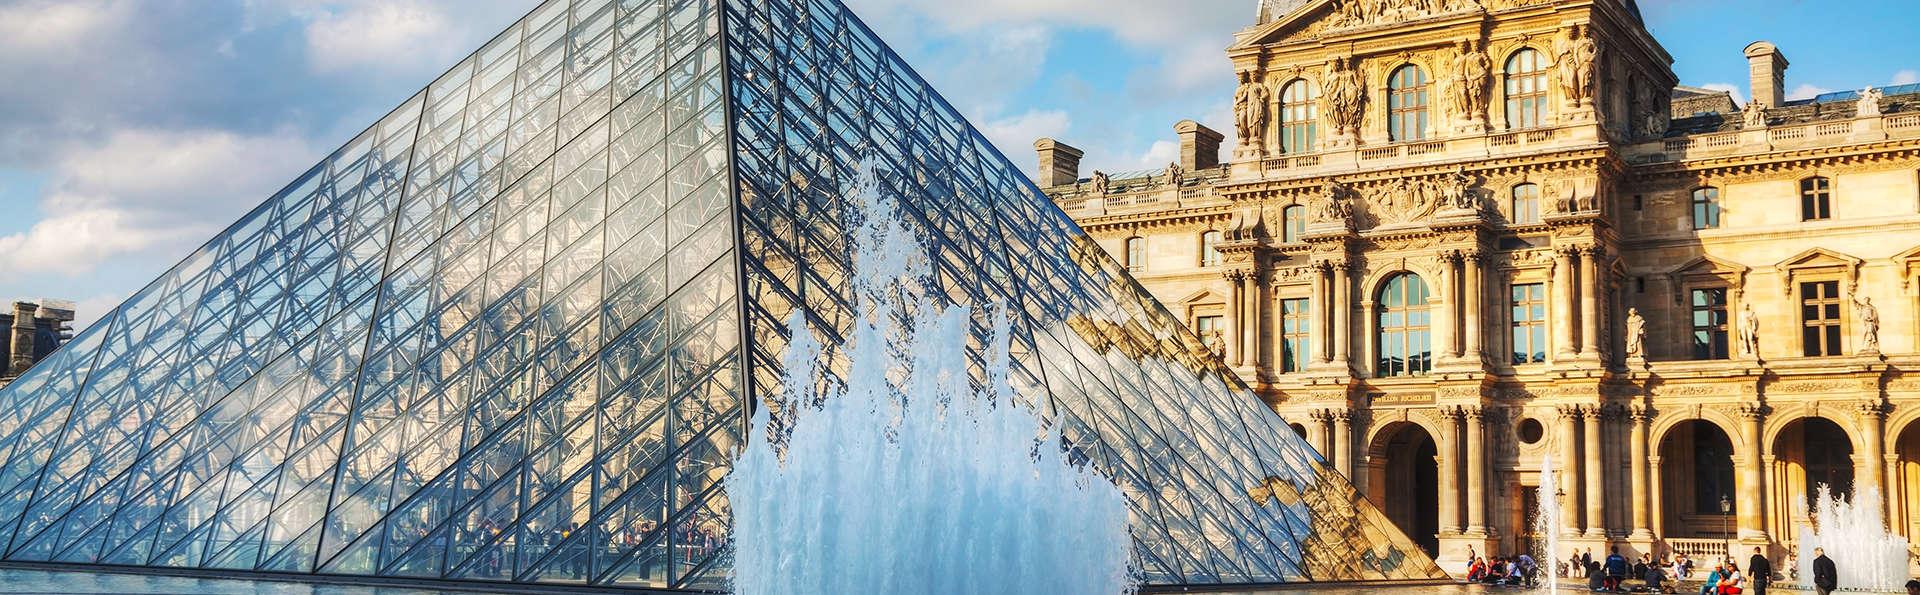 Bulle de confort aux portes de Paris